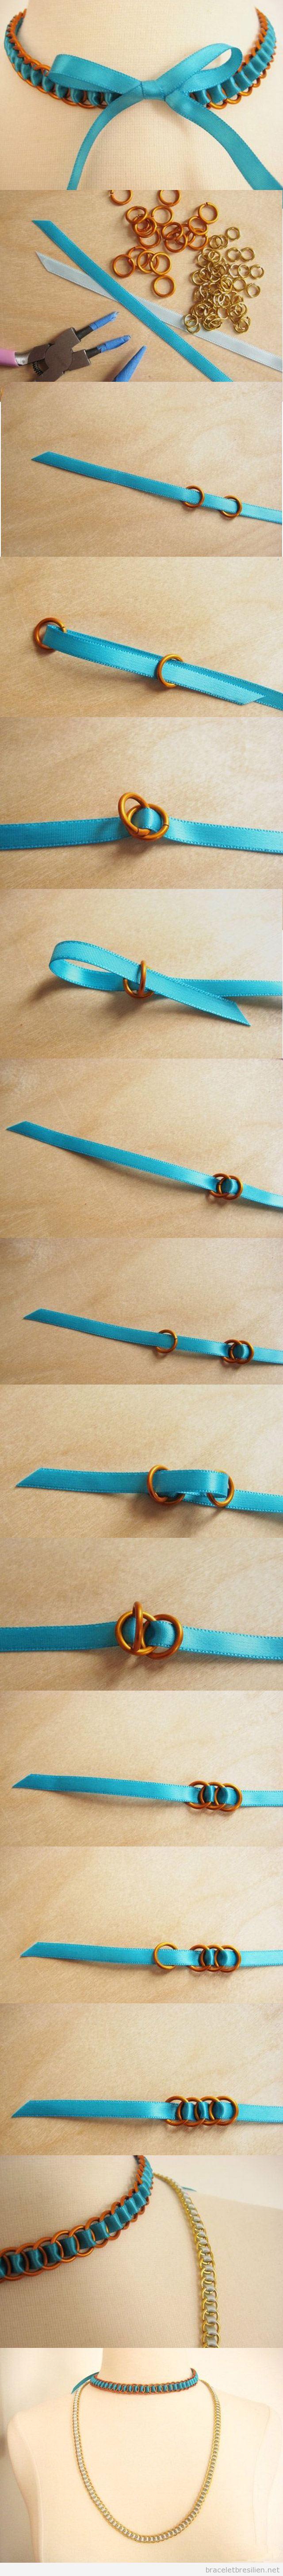 Tuto collier et bracelet DIY simple, ruban satin et anneaux